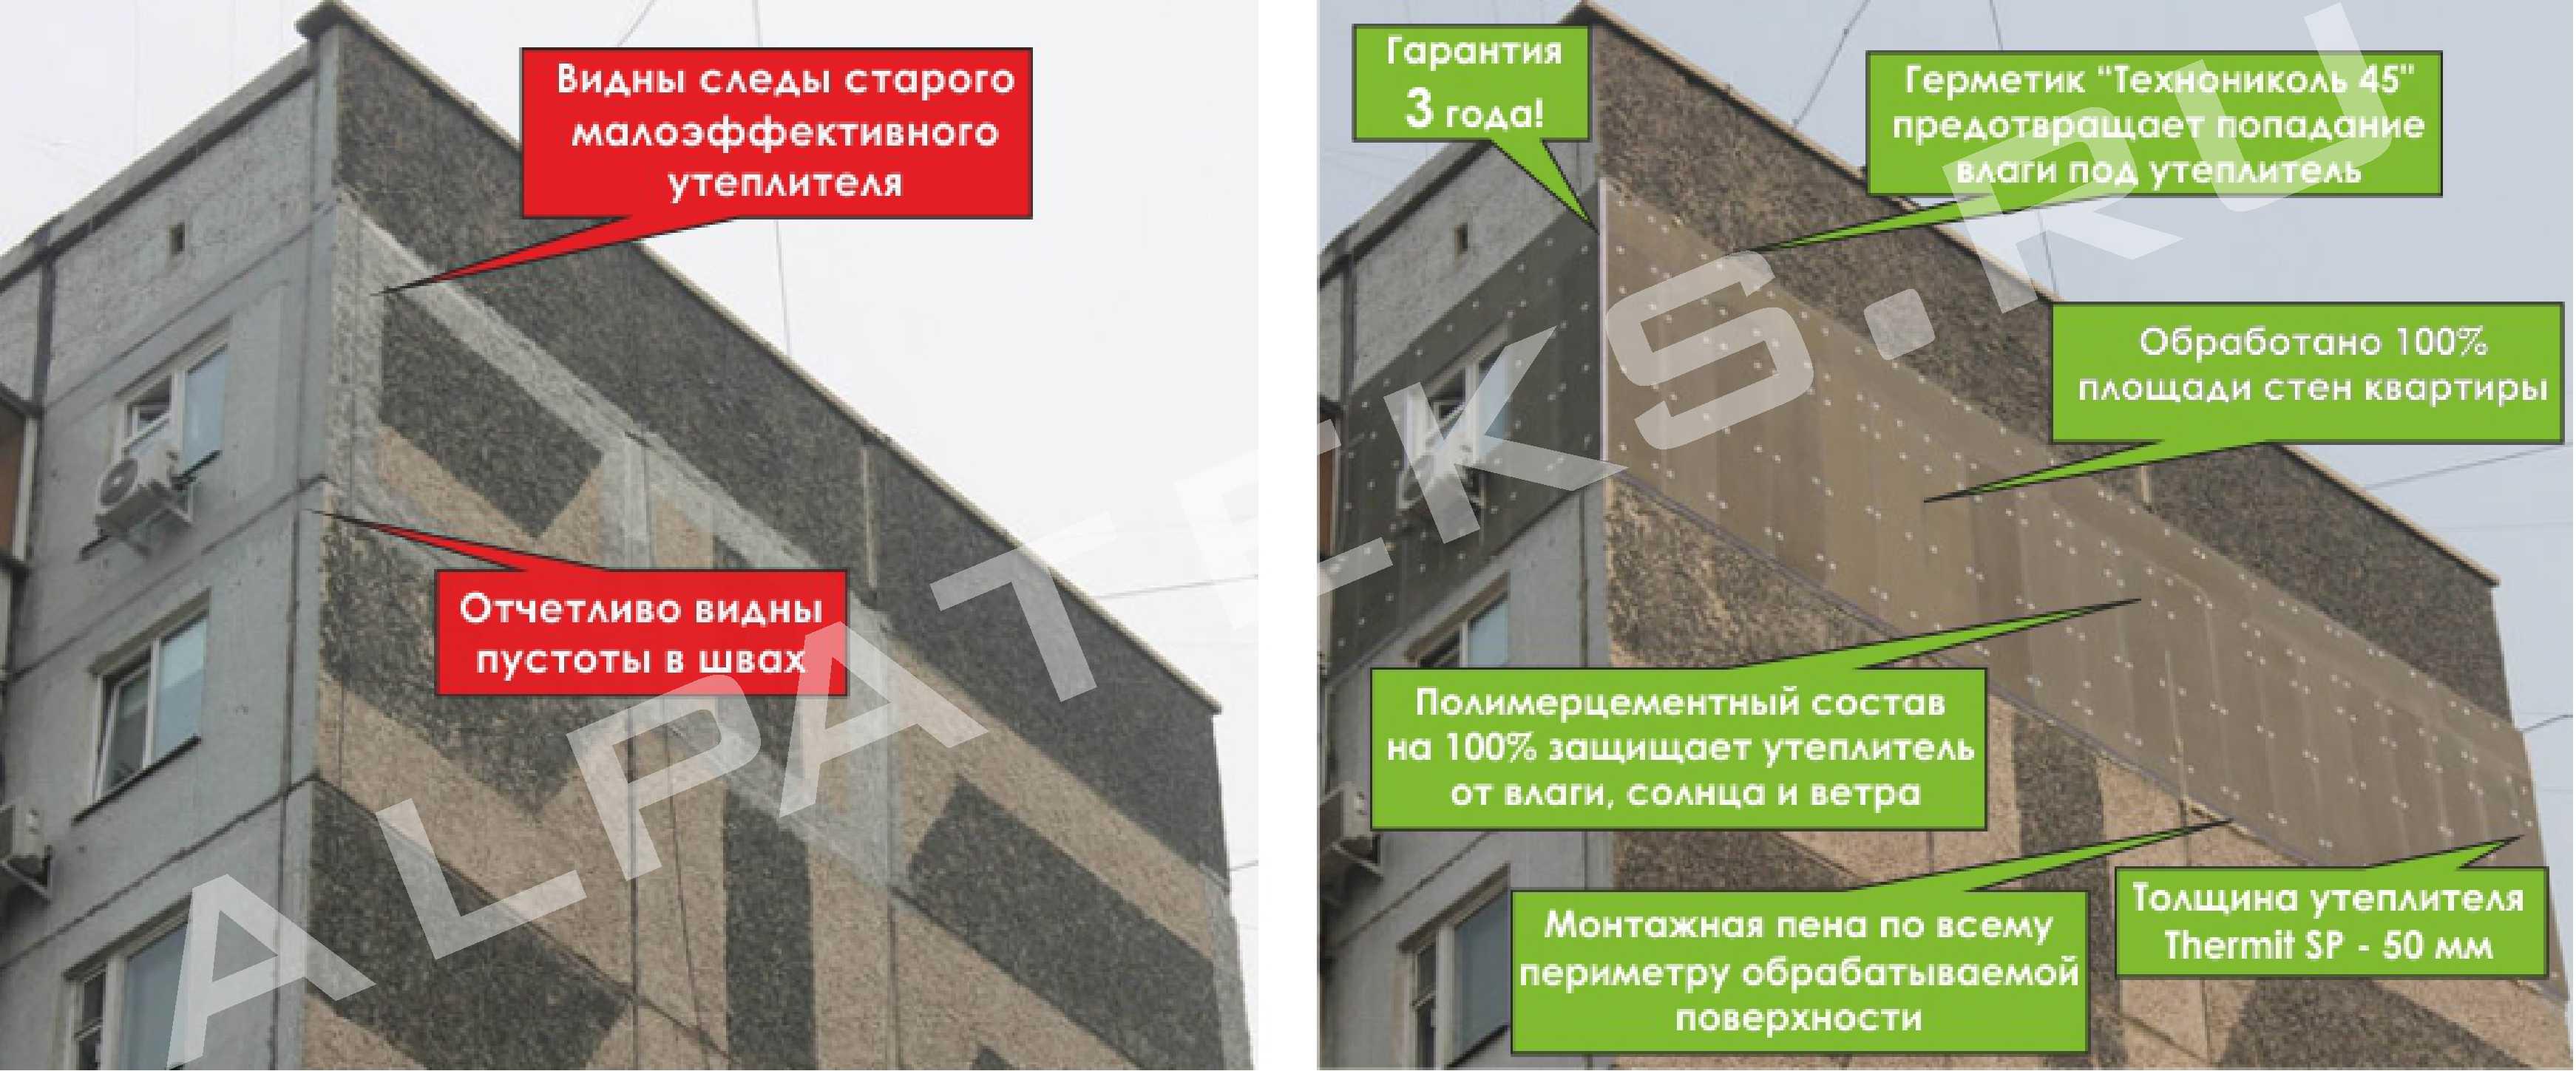 Стоимость утепления фасада минеральной ватой